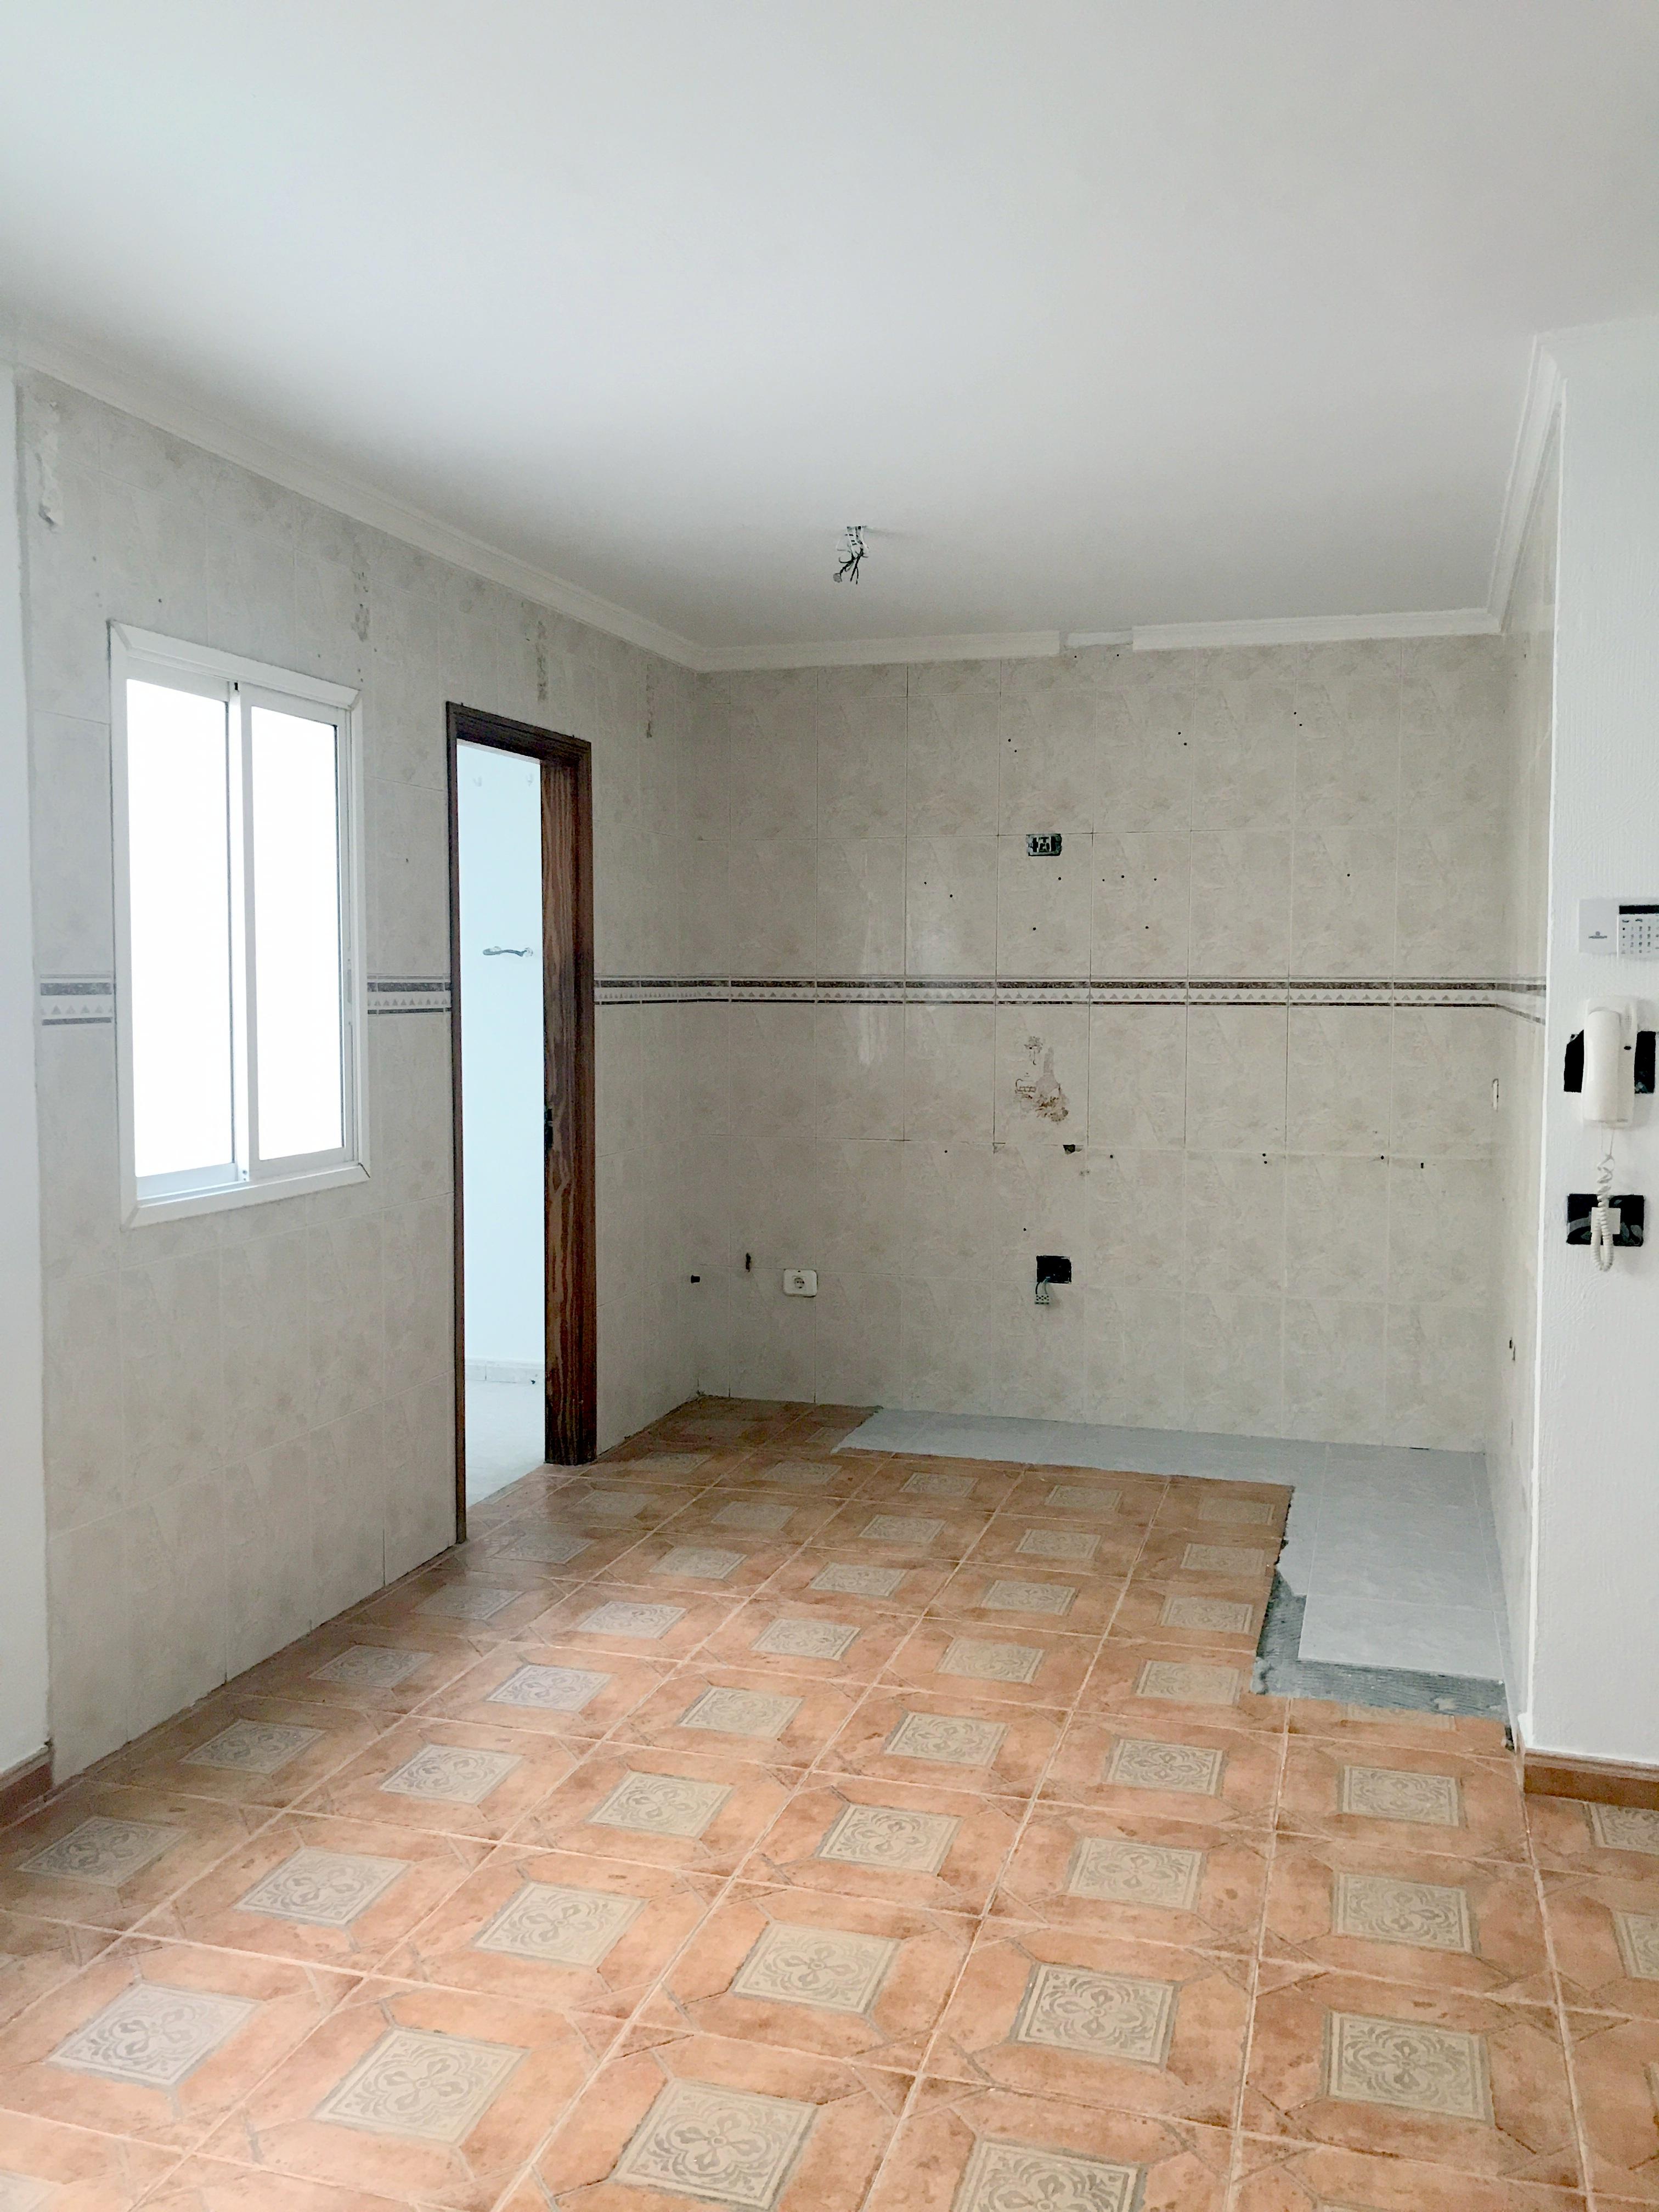 Piso en venta en Ingenio, Las Palmas, Calle Galiana, 81.000 €, 3 habitaciones, 1 baño, 84 m2